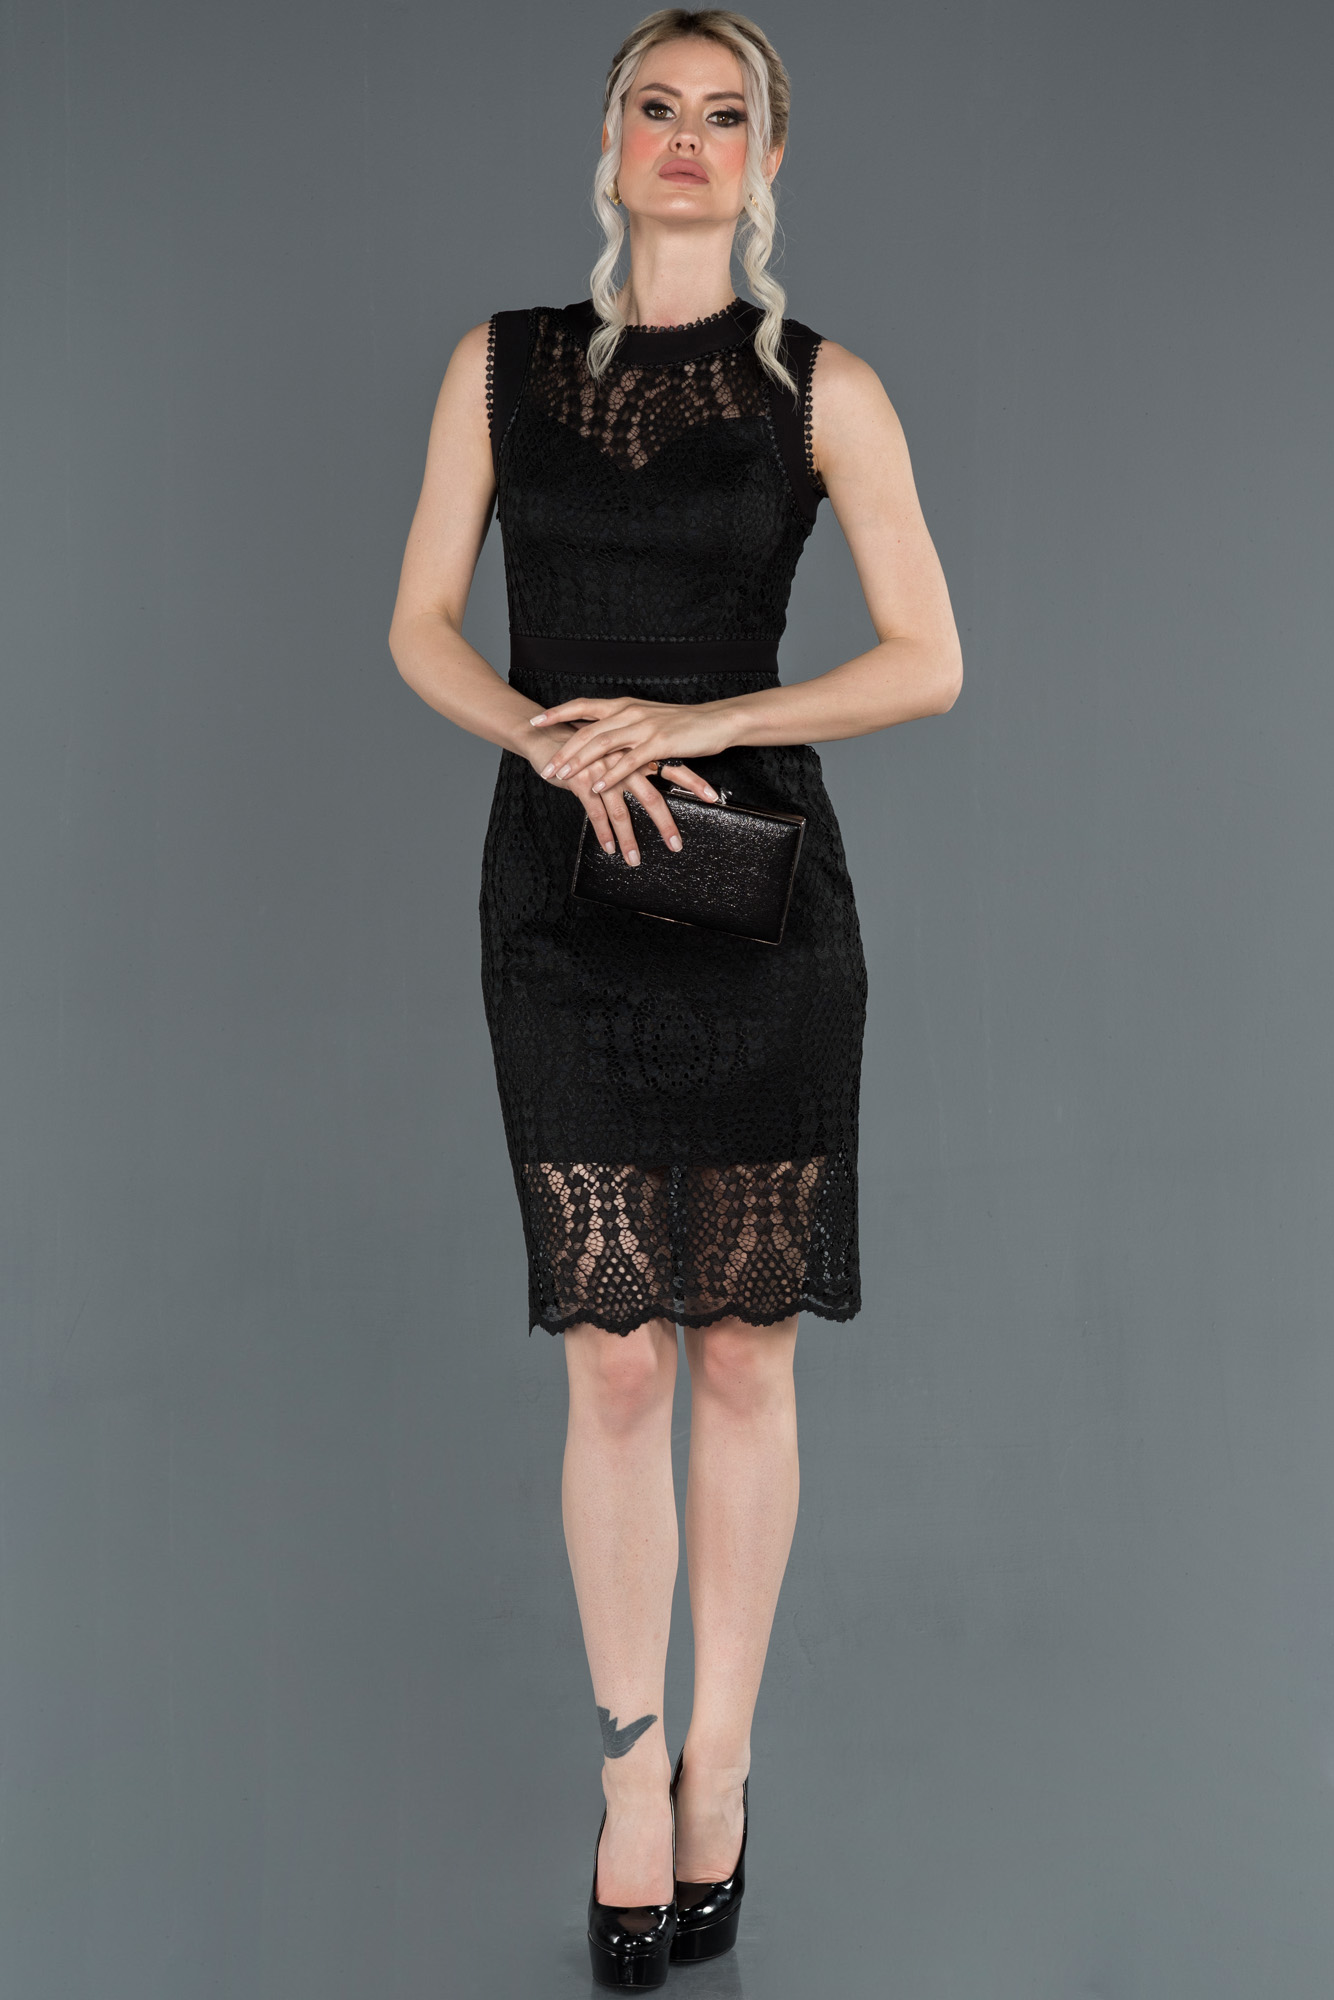 Siyah Güpürlü Dekoltesiz Davet Elbisesi